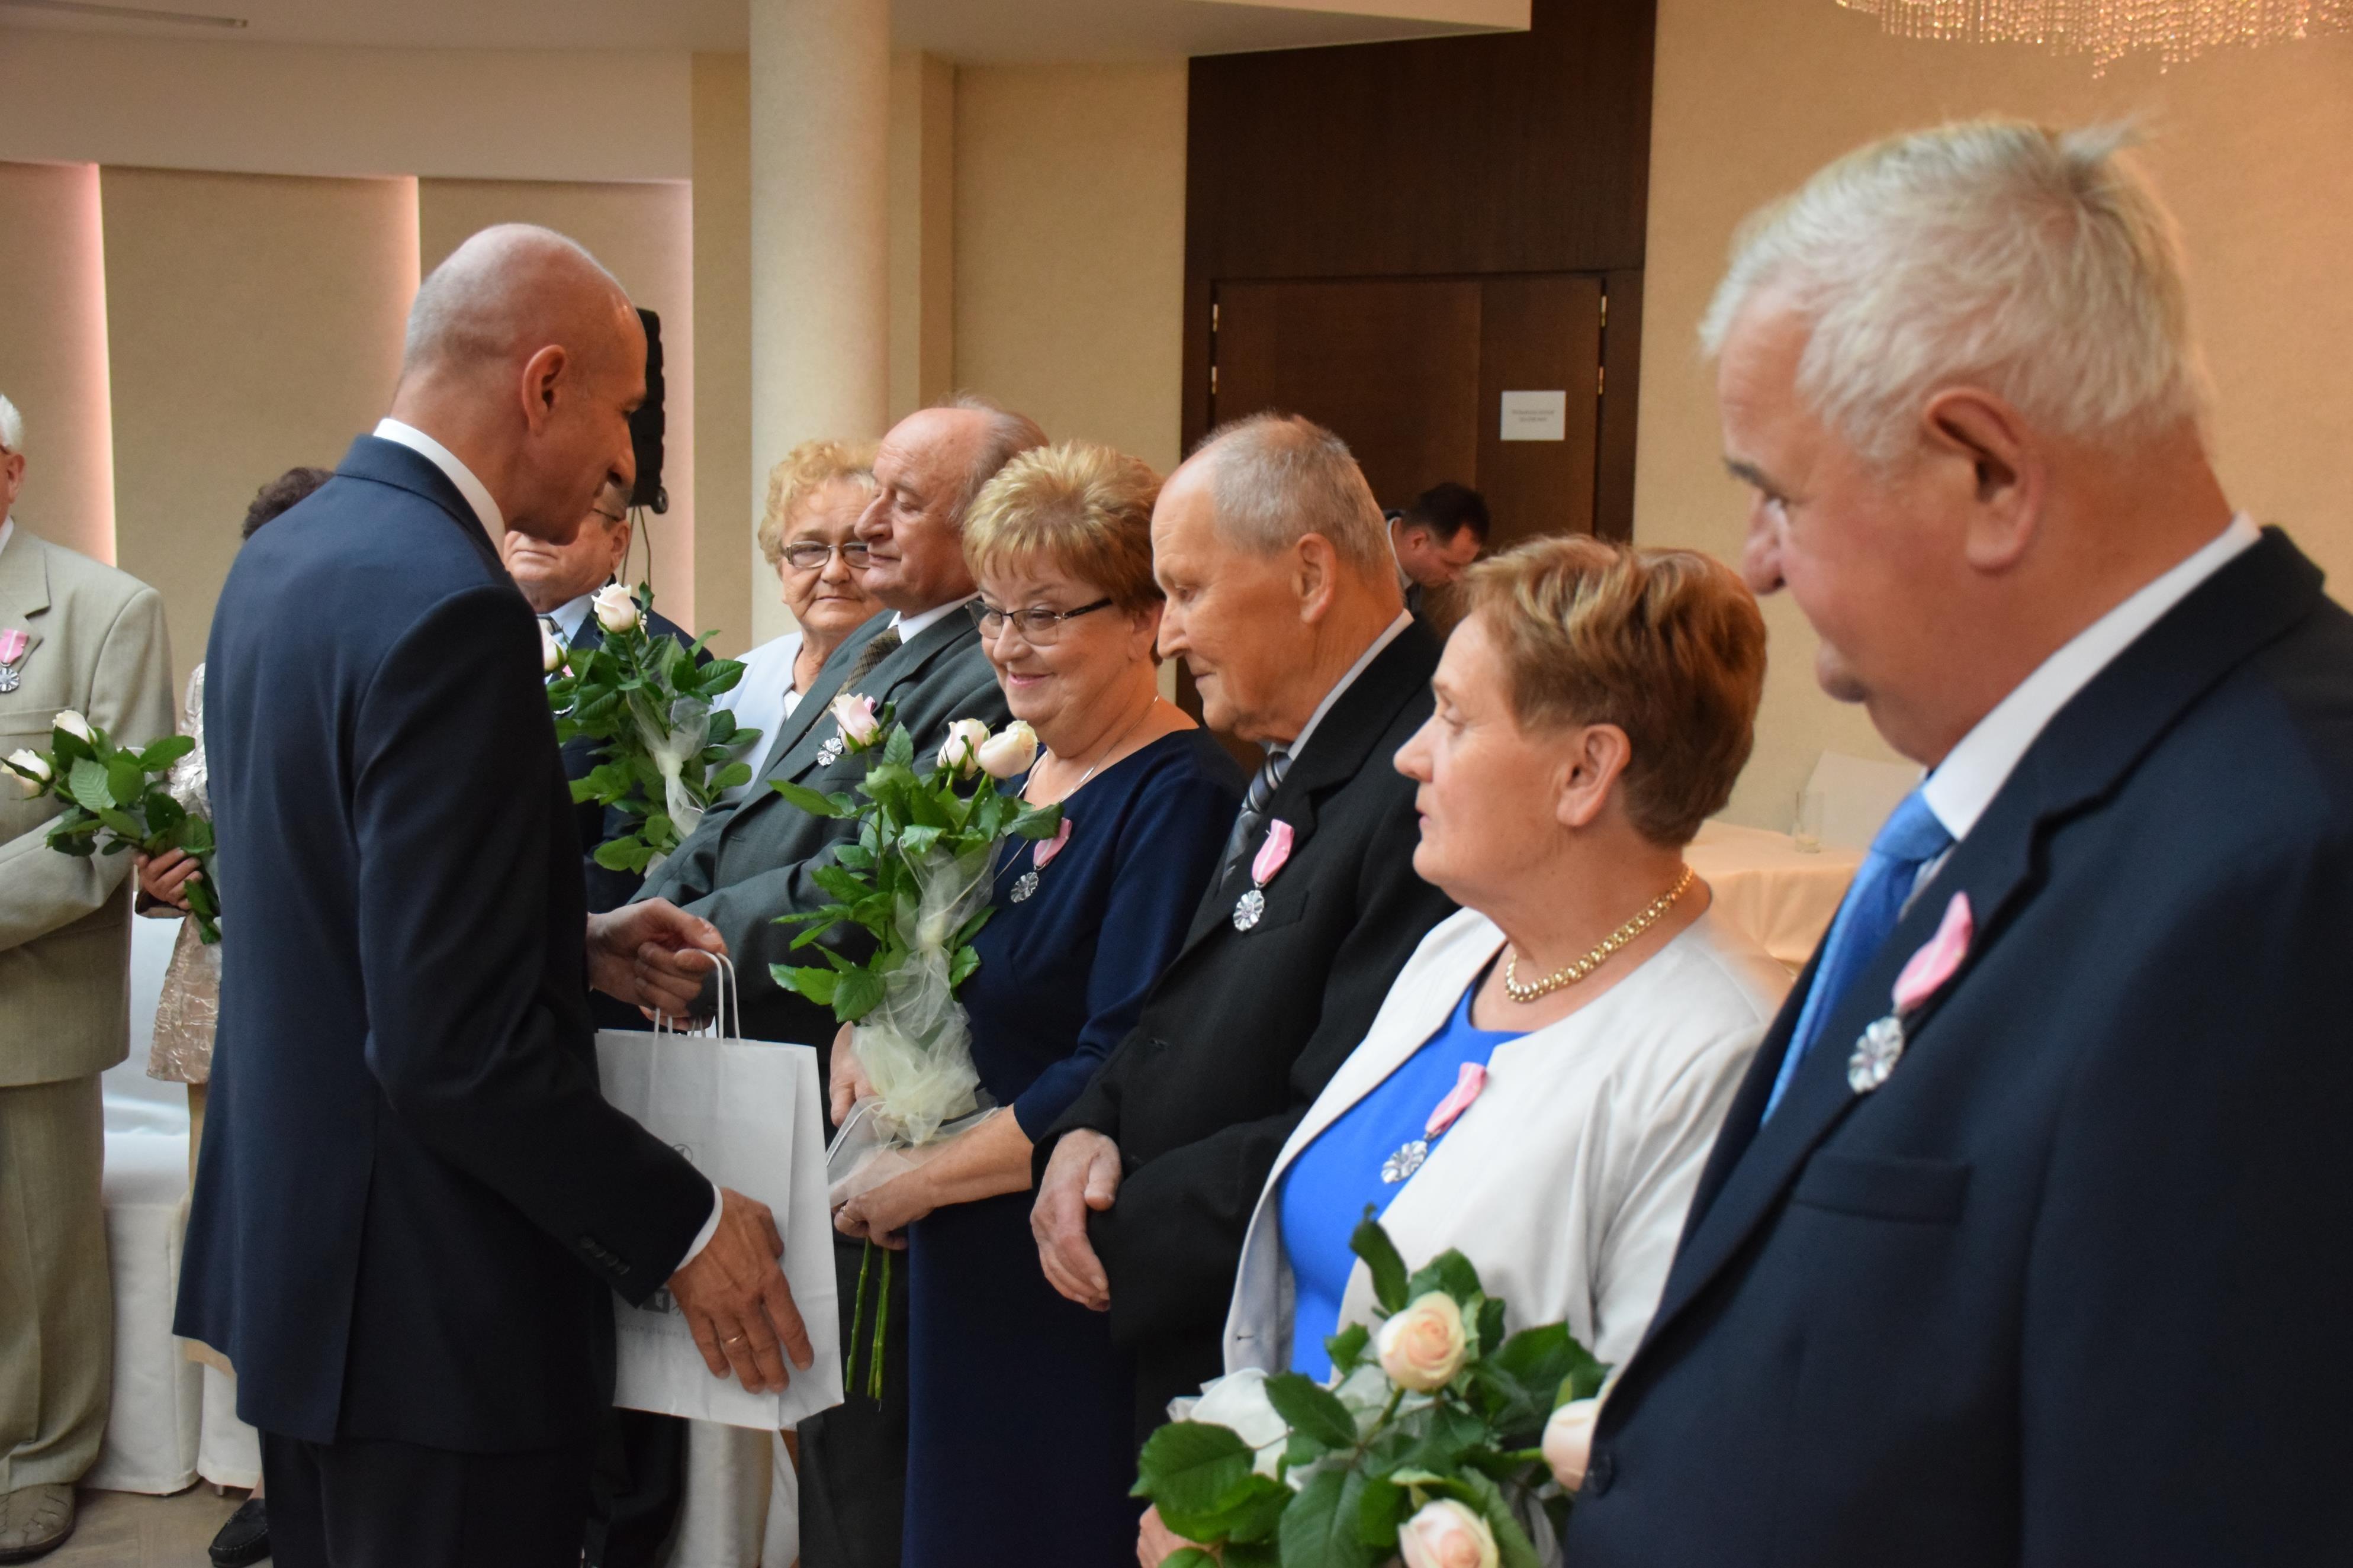 Złote Gody pary z gminy Andrychów świętowały podczas uroczystości w hotelu Czarny Groń [FOTO]